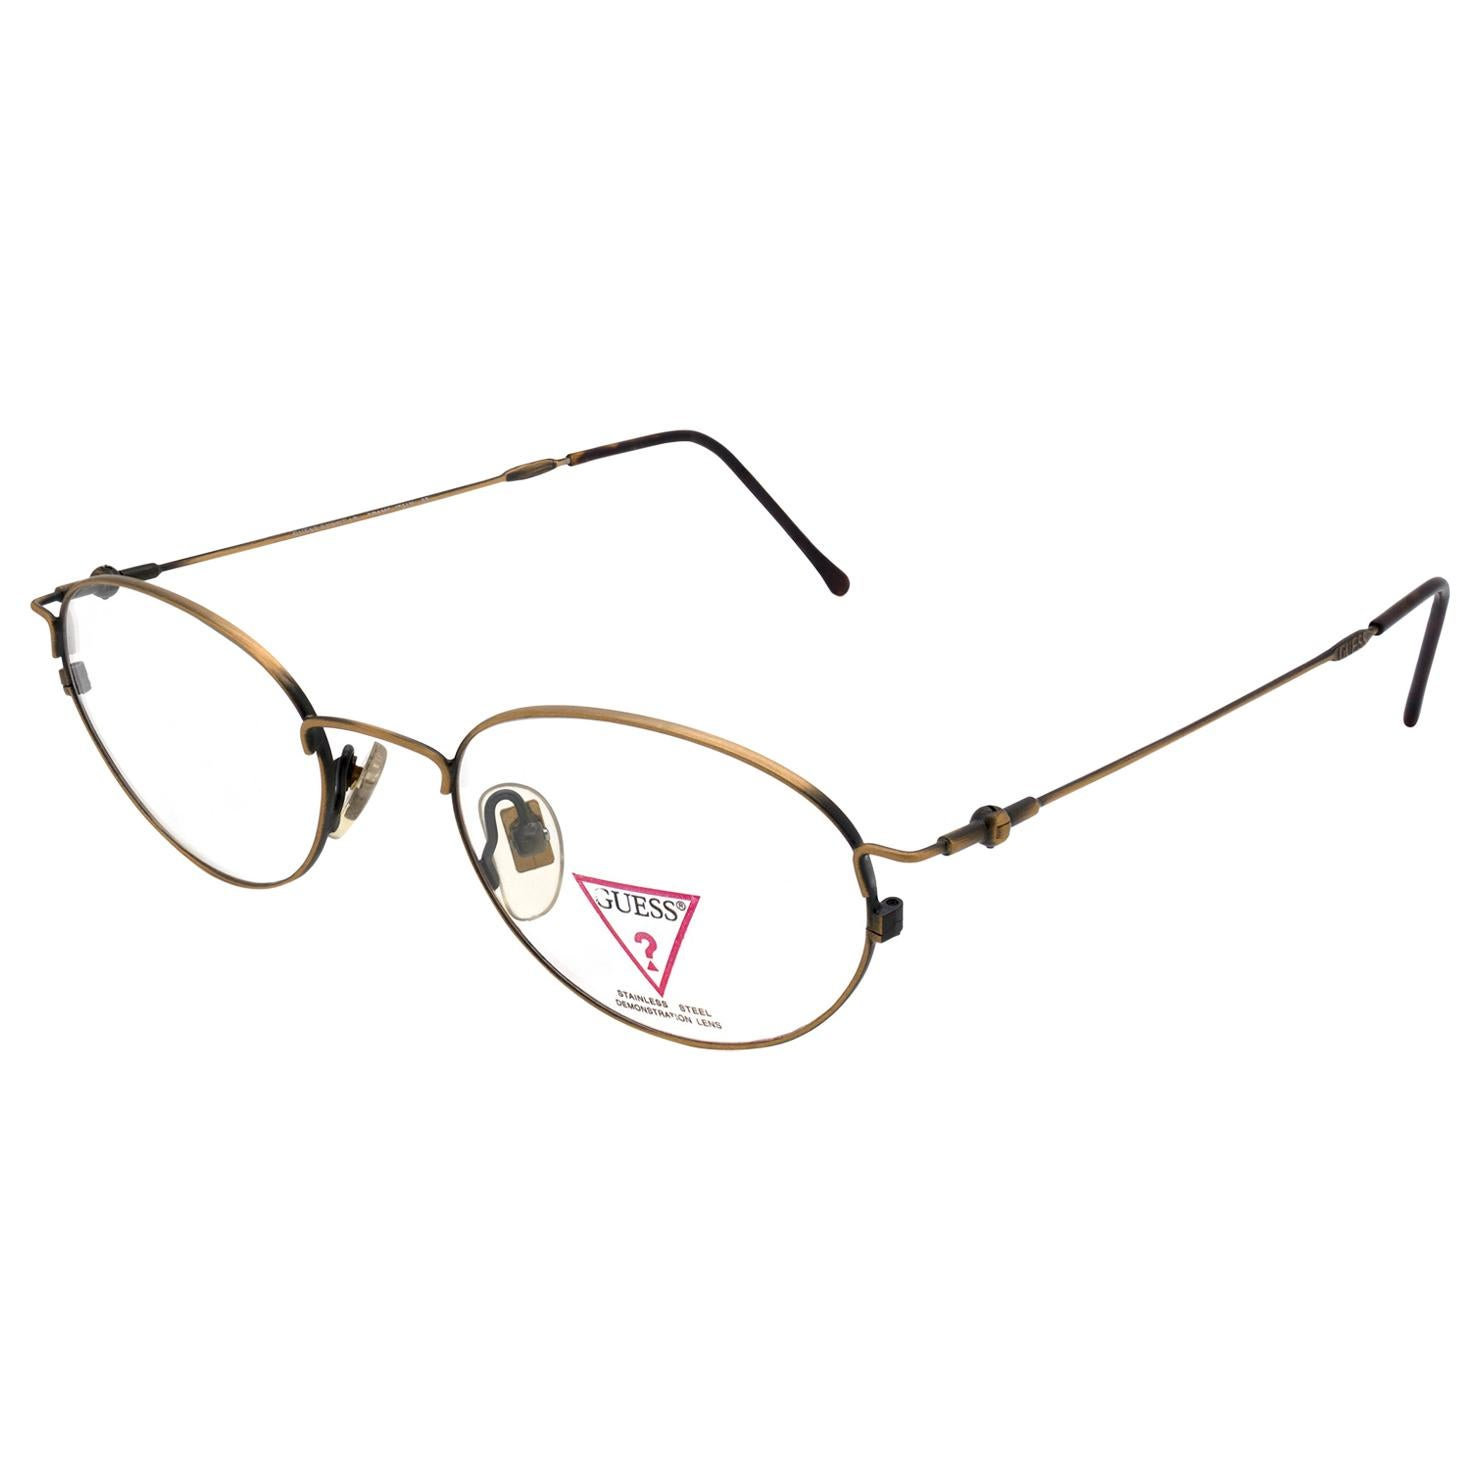 Guess vintage eyeglasses frame art deco